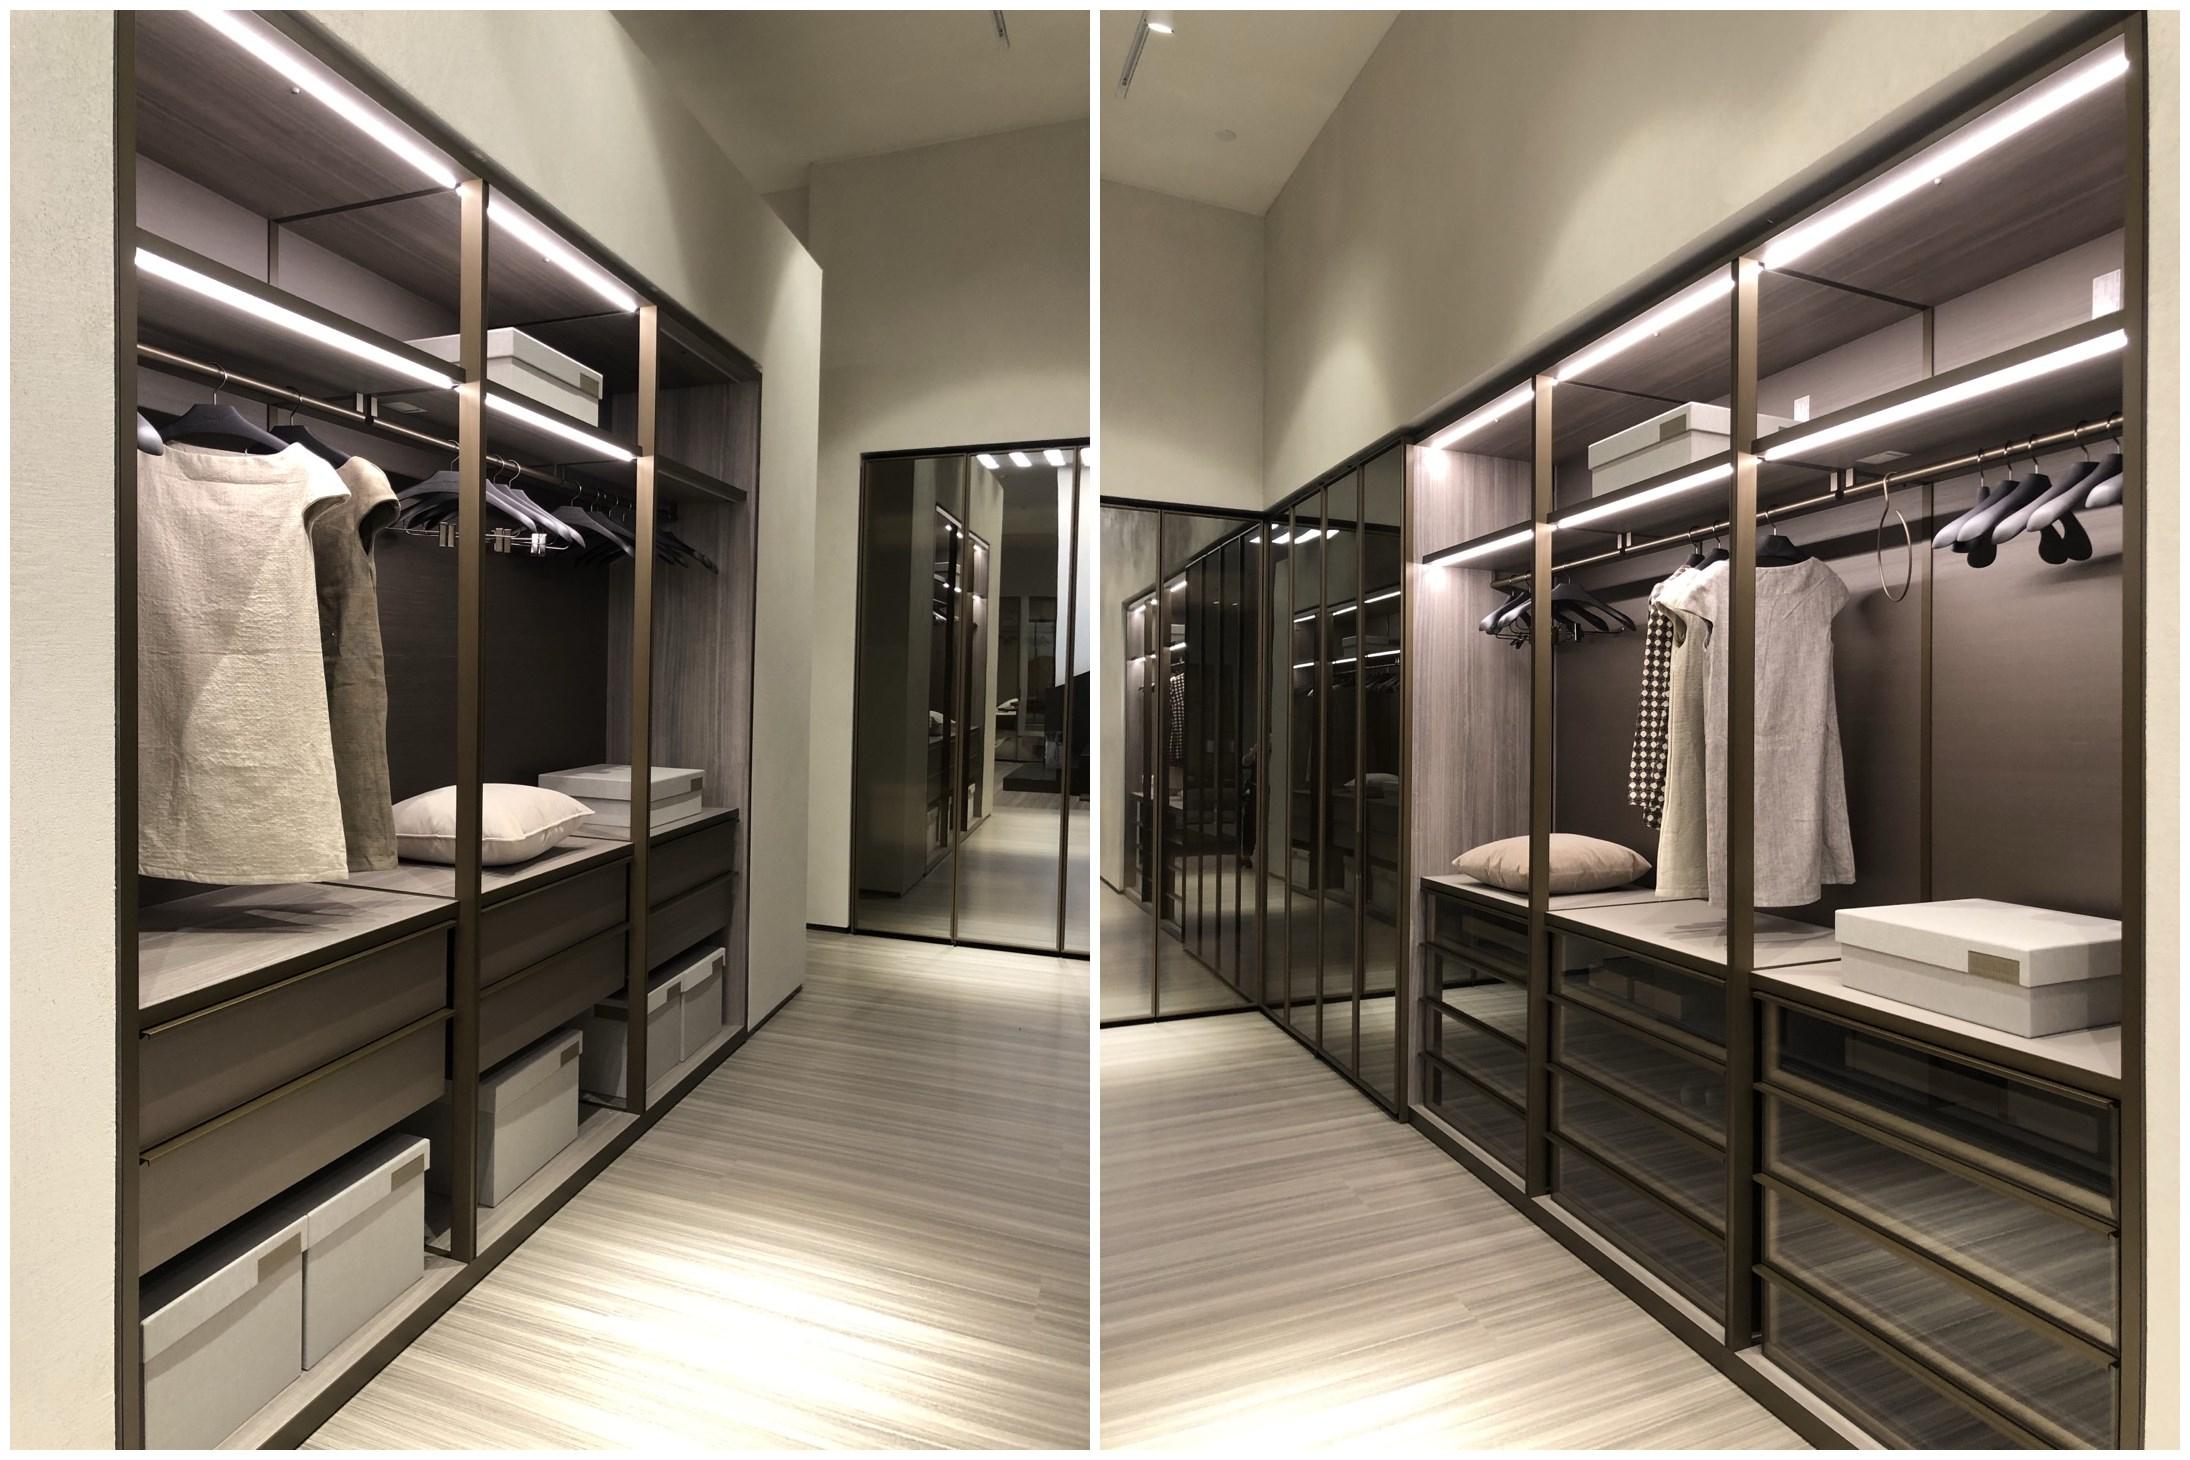 克拉斯家居(长虹桥)旗舰店3F Molteni&C展厅全新空间